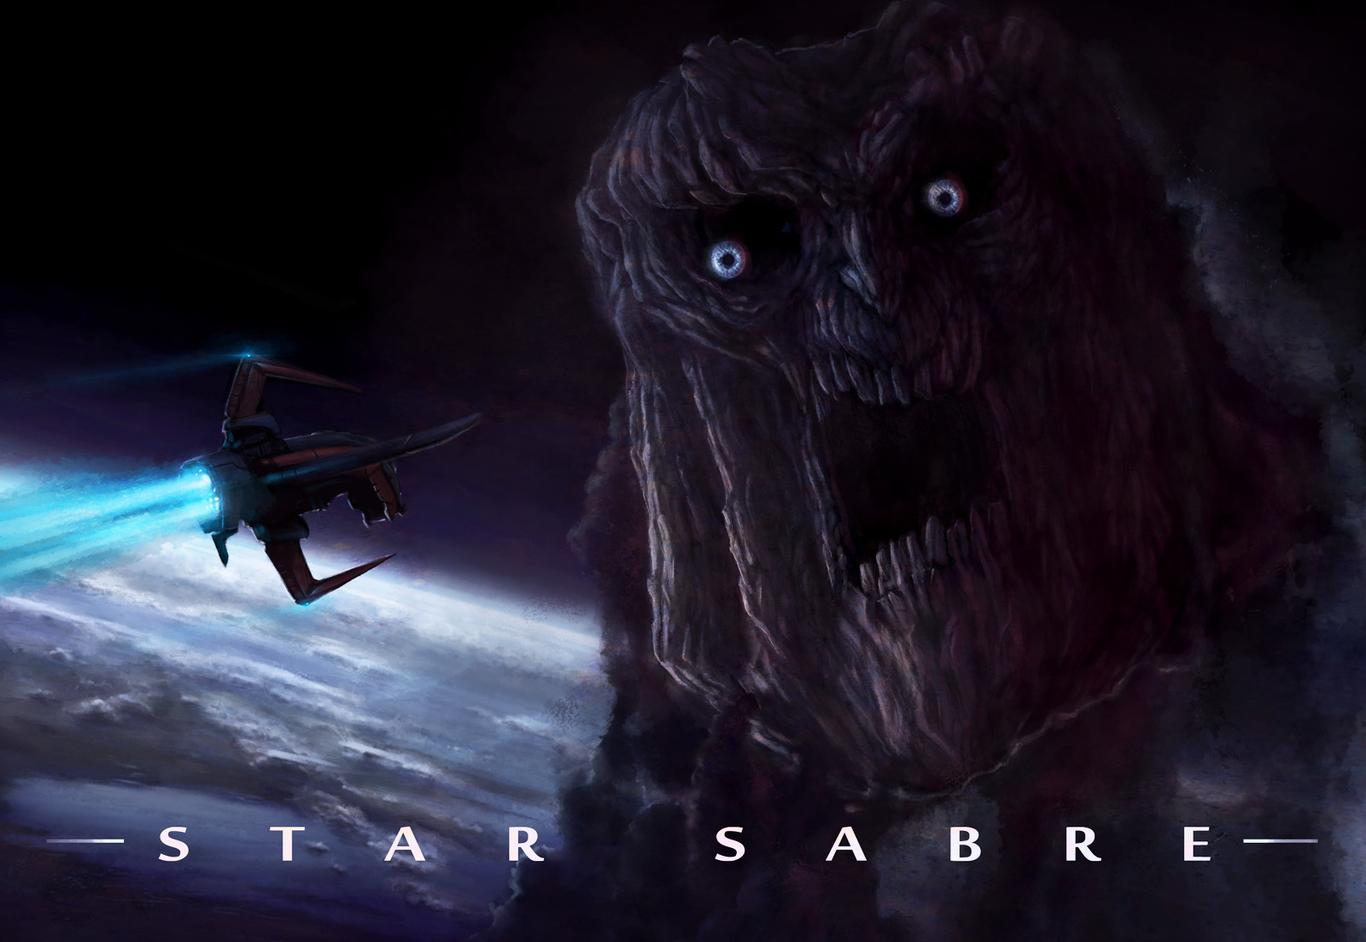 Evilgnome star sabre 1 37b4f386 ohmc